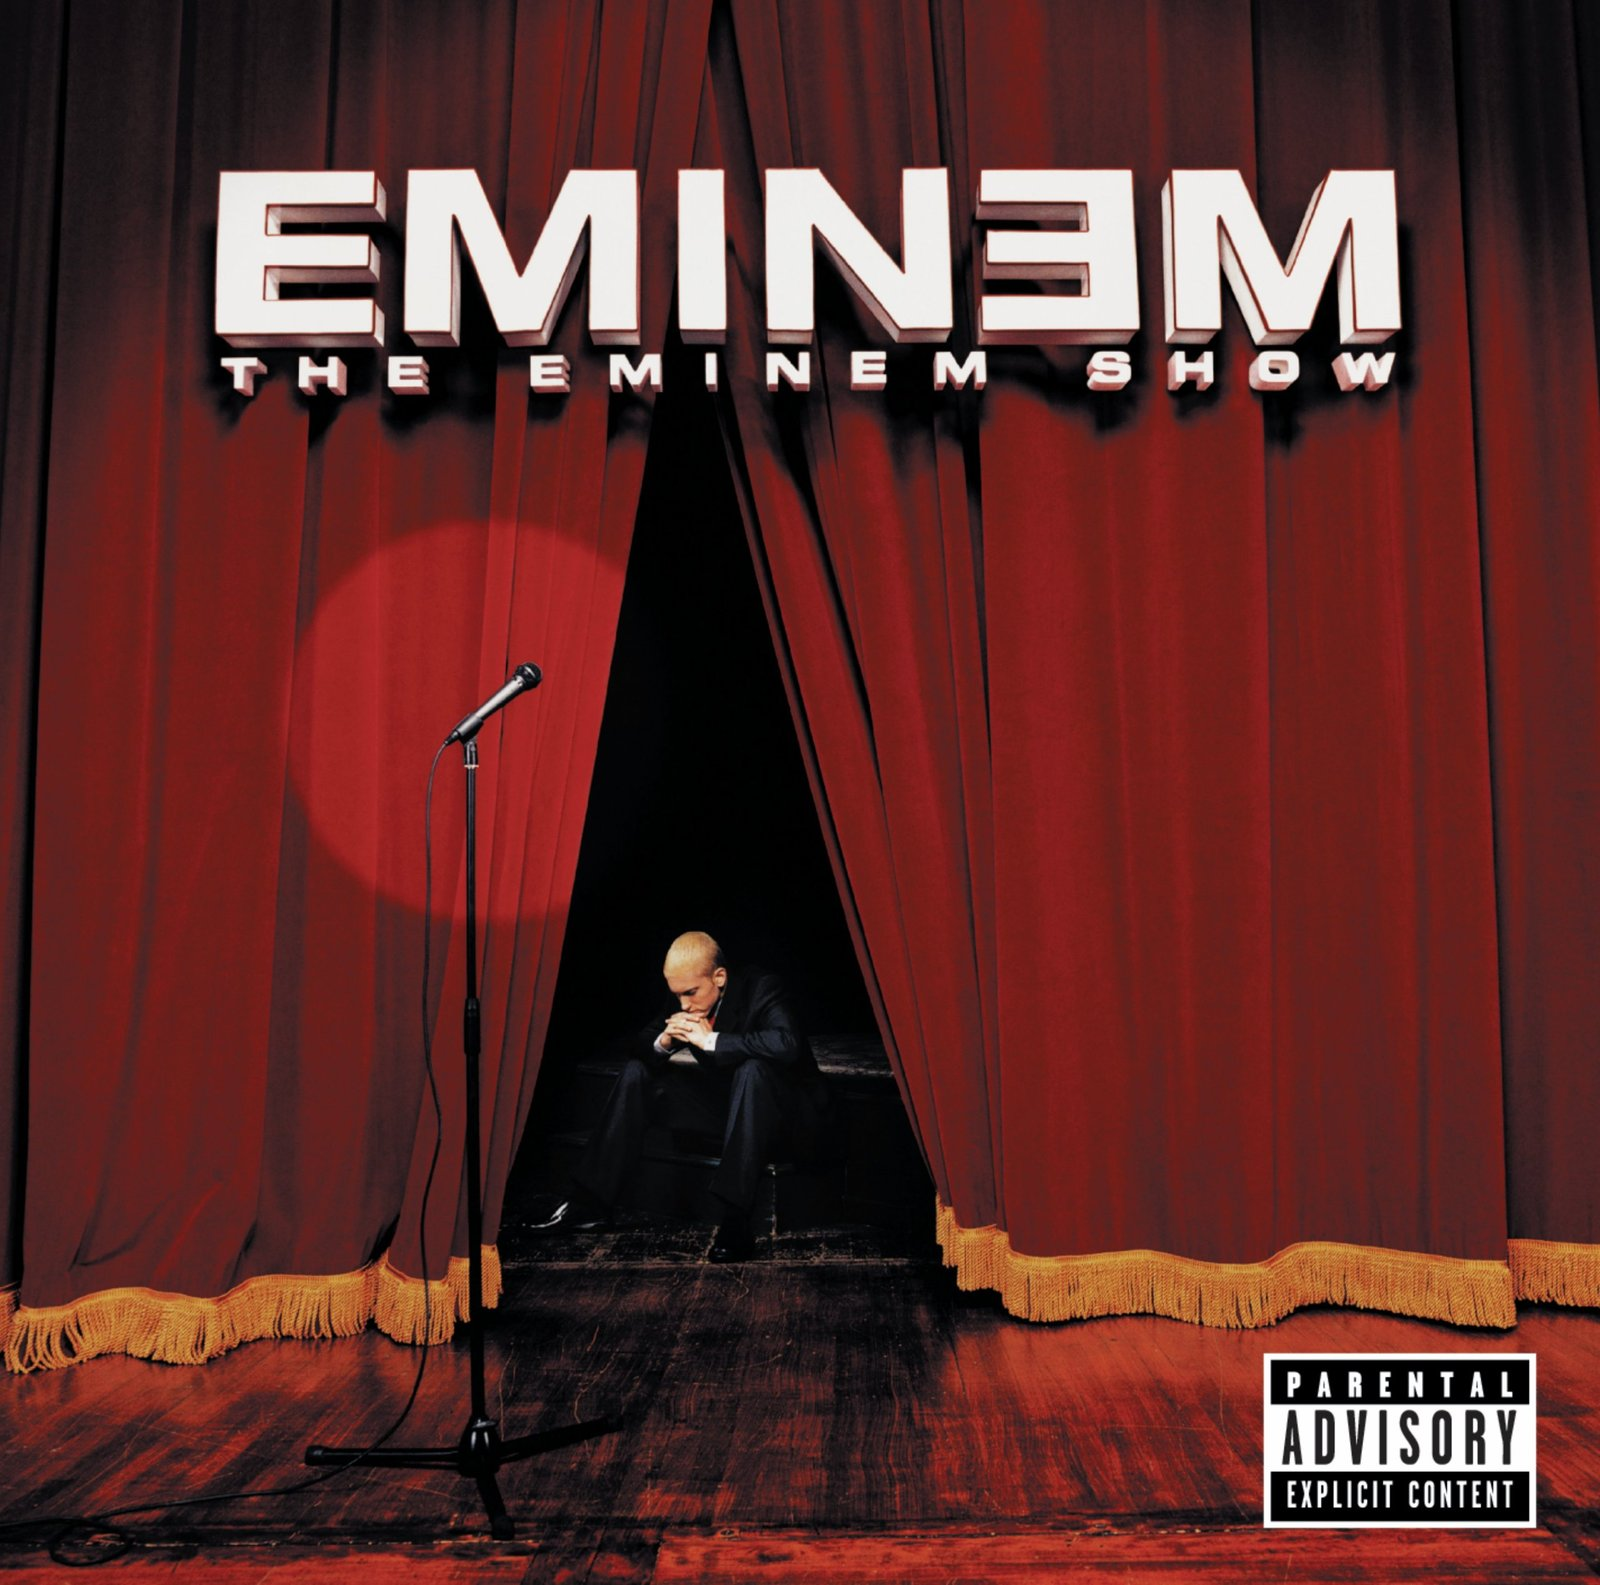 The Eminem Show by Eminem image